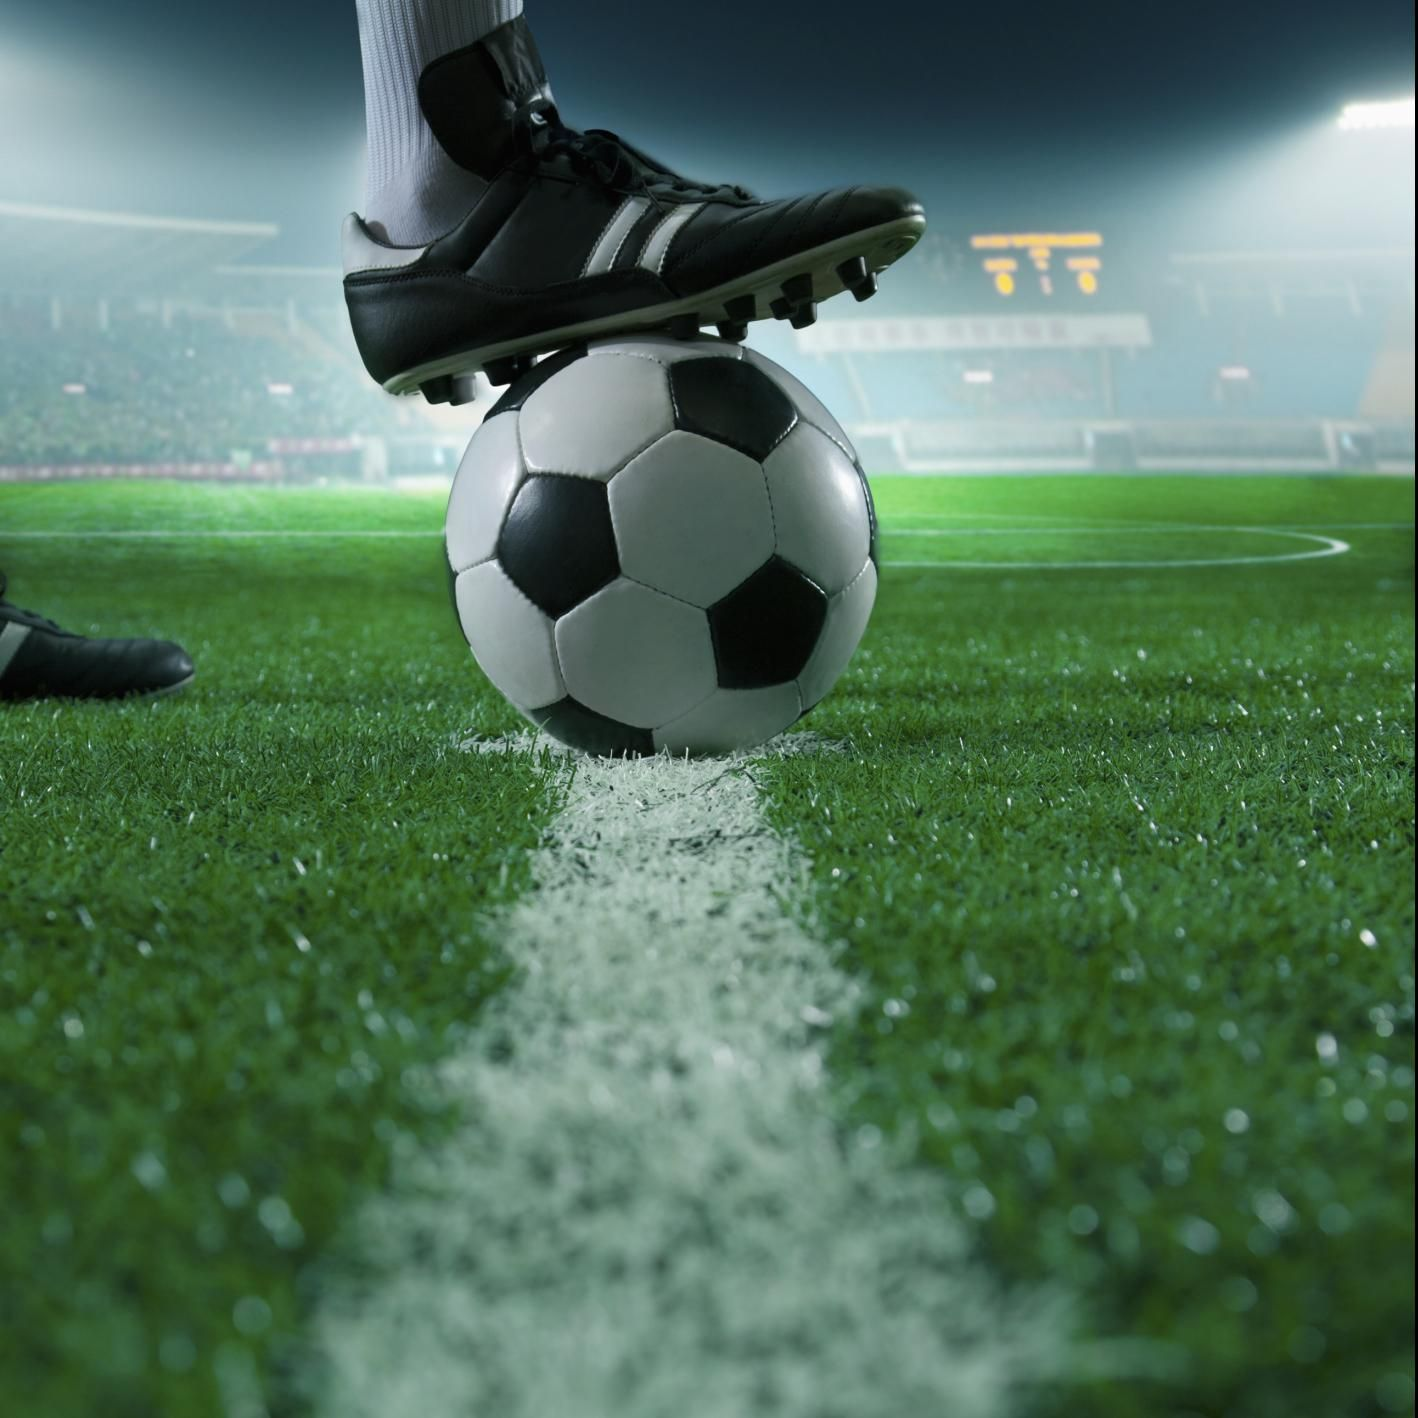 Fatos Curiosos Das Ultimas 7 Copas Do Mundo Cartaz De Futebol Fotografia De Futebol Imagem De Fundo De Futebol